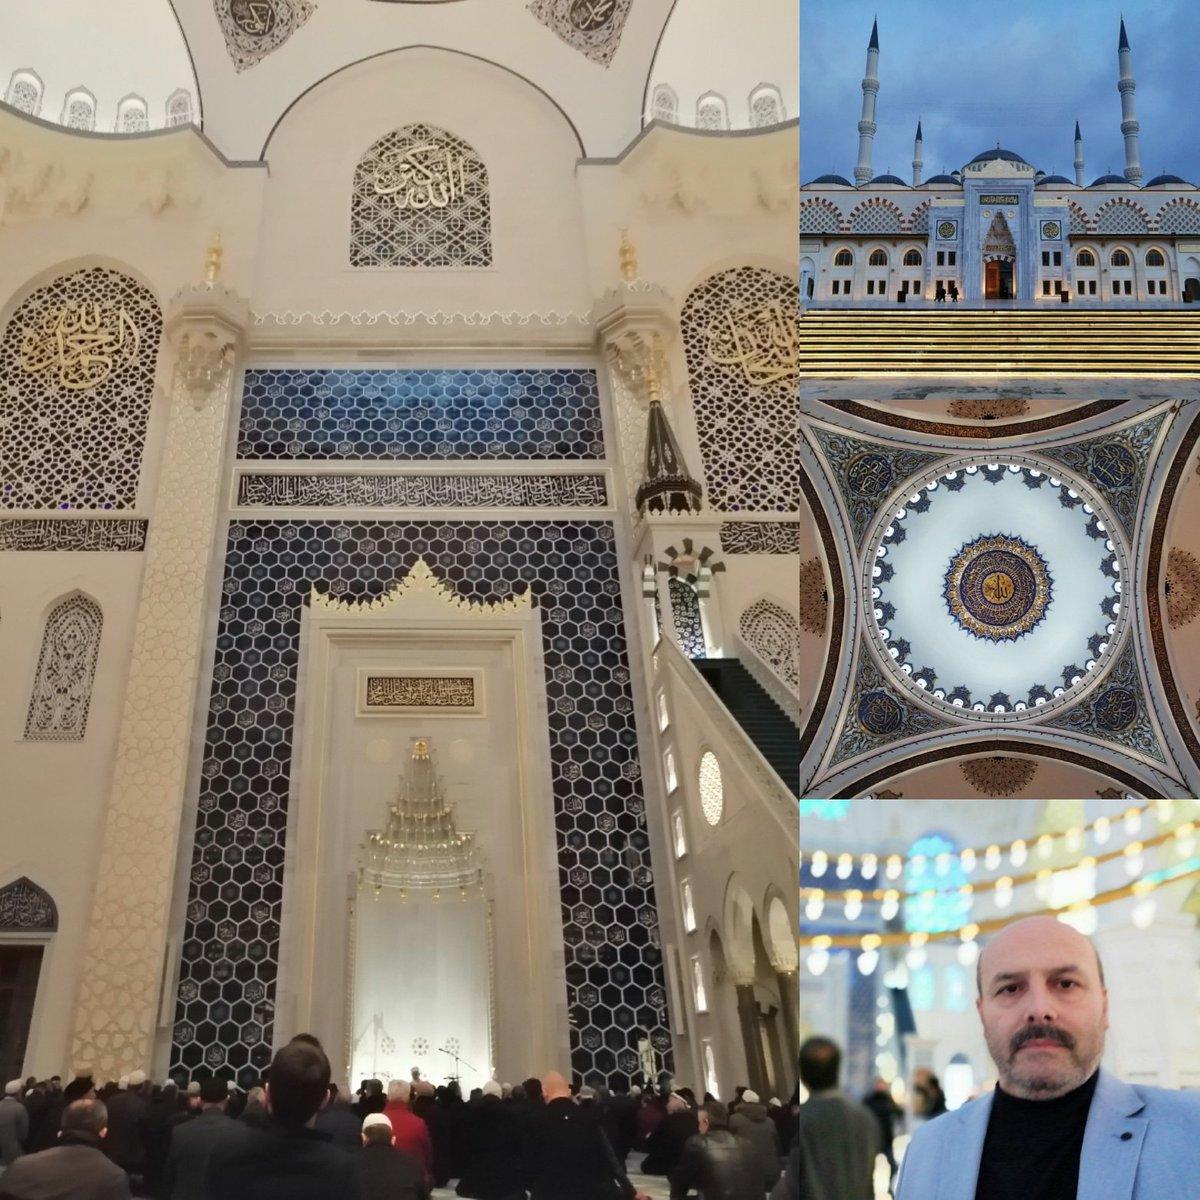 Muhteşem Çamlıca Camii'nde Çanakkale şehitlerimiz için okunan Kur'an tilavetindeyiz. Rabbim tüm şehitlerimize rahmet eylesin.  #çanakkale #geçilmez #şehit #vatan